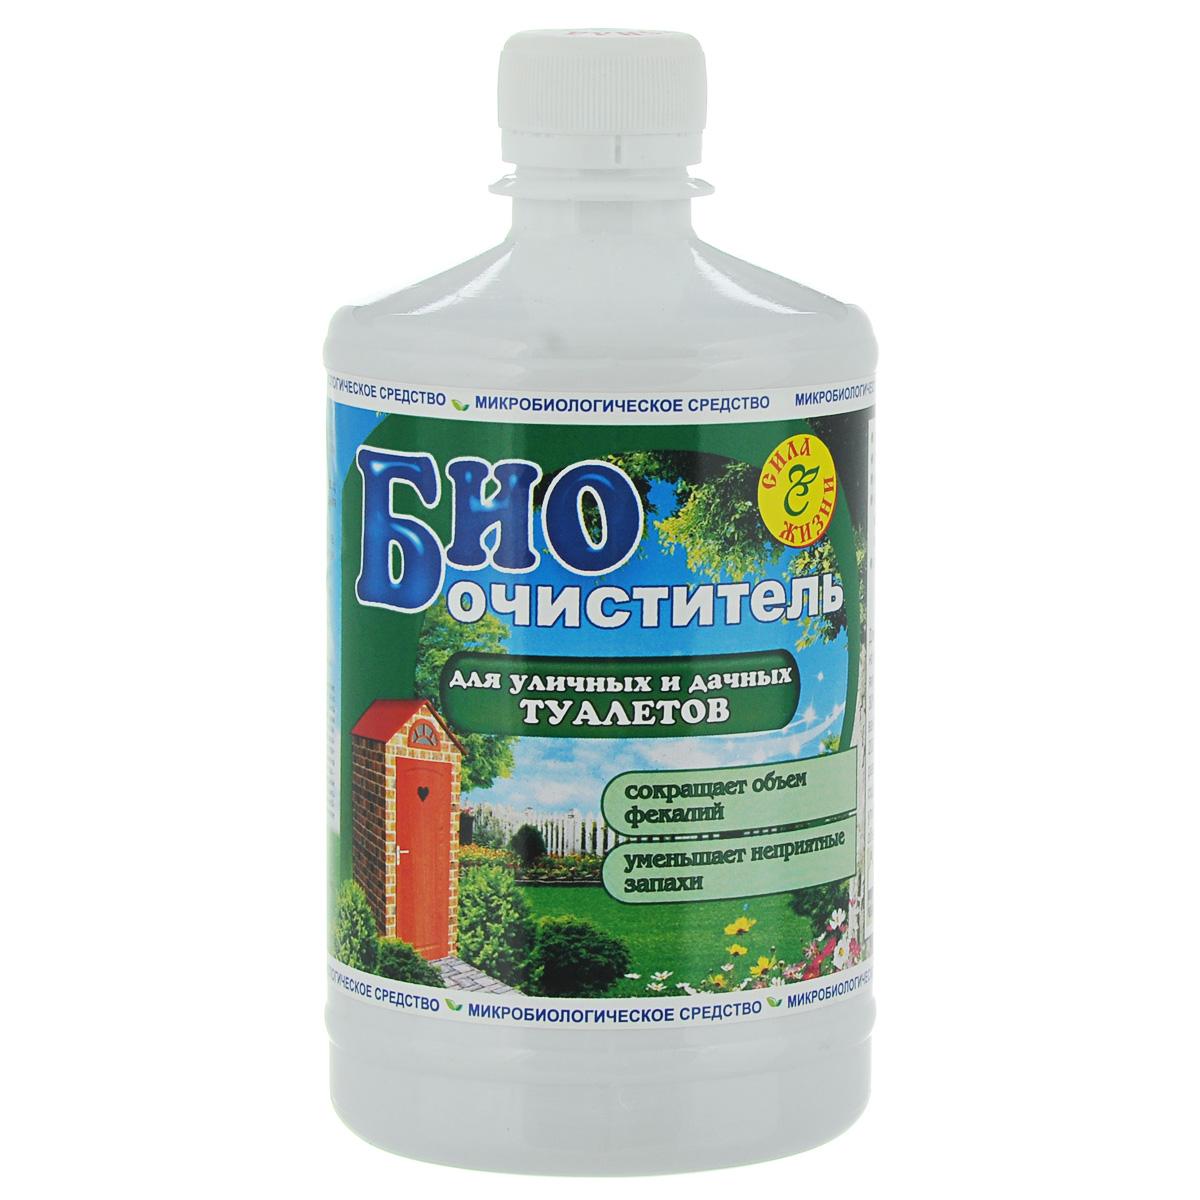 Биоочиститель Сила жизни для уличных и дачных туалетов, 0,5 л4607077870213Биоочиститель Сила жизни: - уменьшает запахи; - разлагает фекалии, превращая их в воду и углекислый газ; - сокращает объем фекалий; - экологически безопасен; - создает комфортные условия вдачном туалете ; - продлевает срок службы туалетной ямы; - обладает свойством обезвреживания широкого спектра патогенных микроорганизмов в отходах и фекалиях;- не содержит химических веществ; - при постоянном применении (1-2 бутылки за сезон) воду и осадок из туалета можно безопасно дренировать впочву или использовать для удобрения и орошения; - работает при температуре то +4°С до 35°С. Состав: смесь нетоксичных микроорганизмов, для которых основным источником питания являютсяфекалии и целлюлоза.